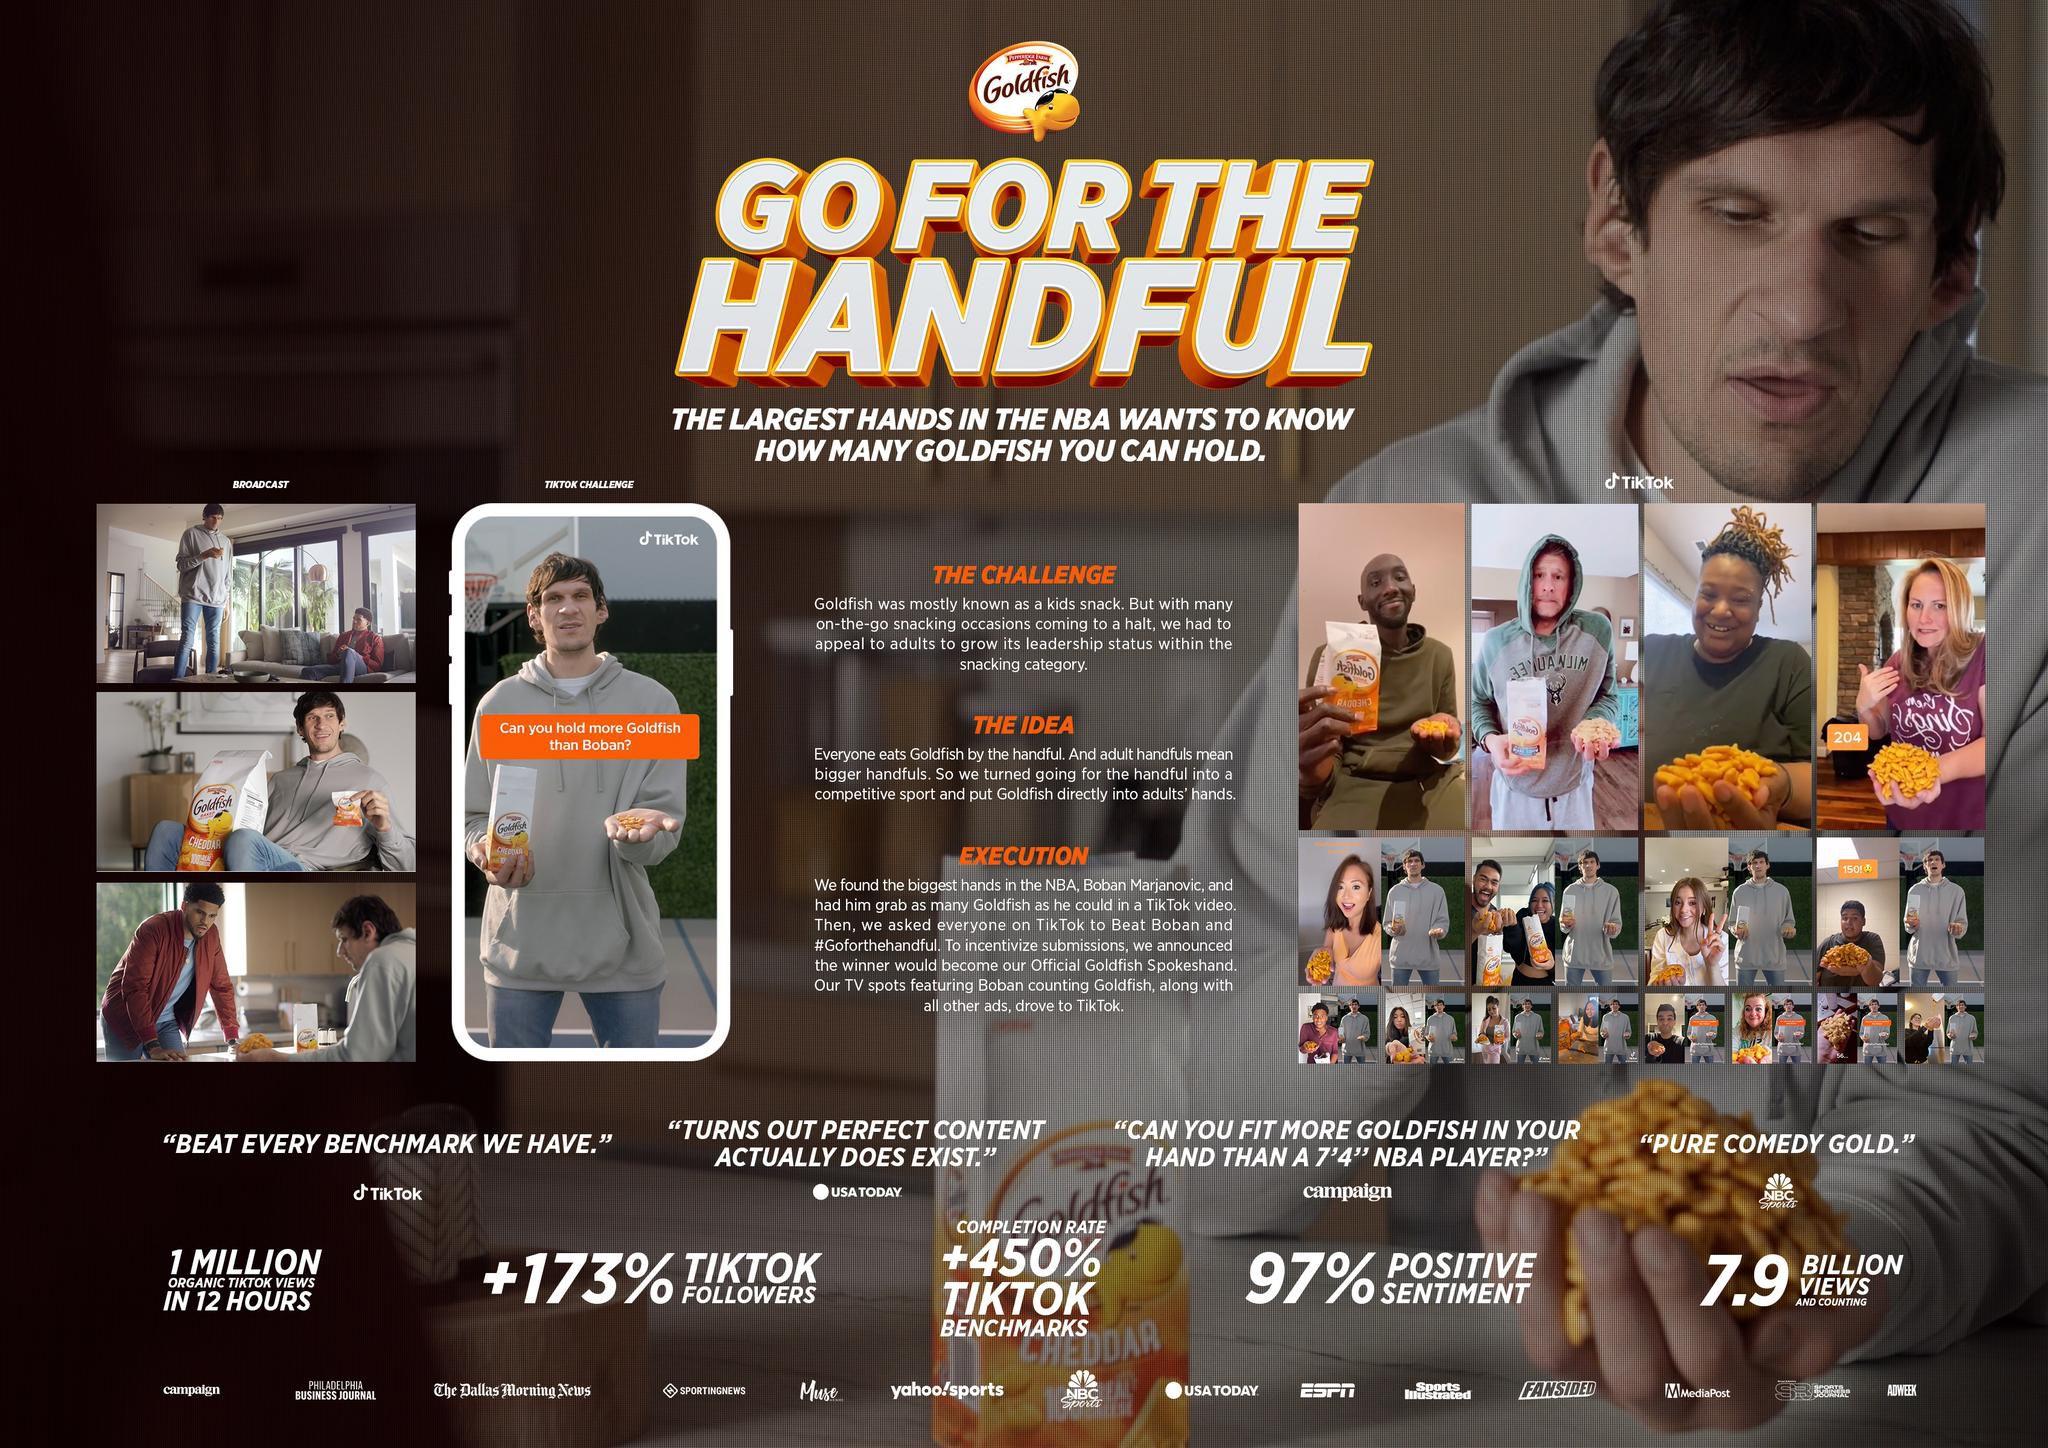 handful_goldfish.ea9555a09e79.jpg